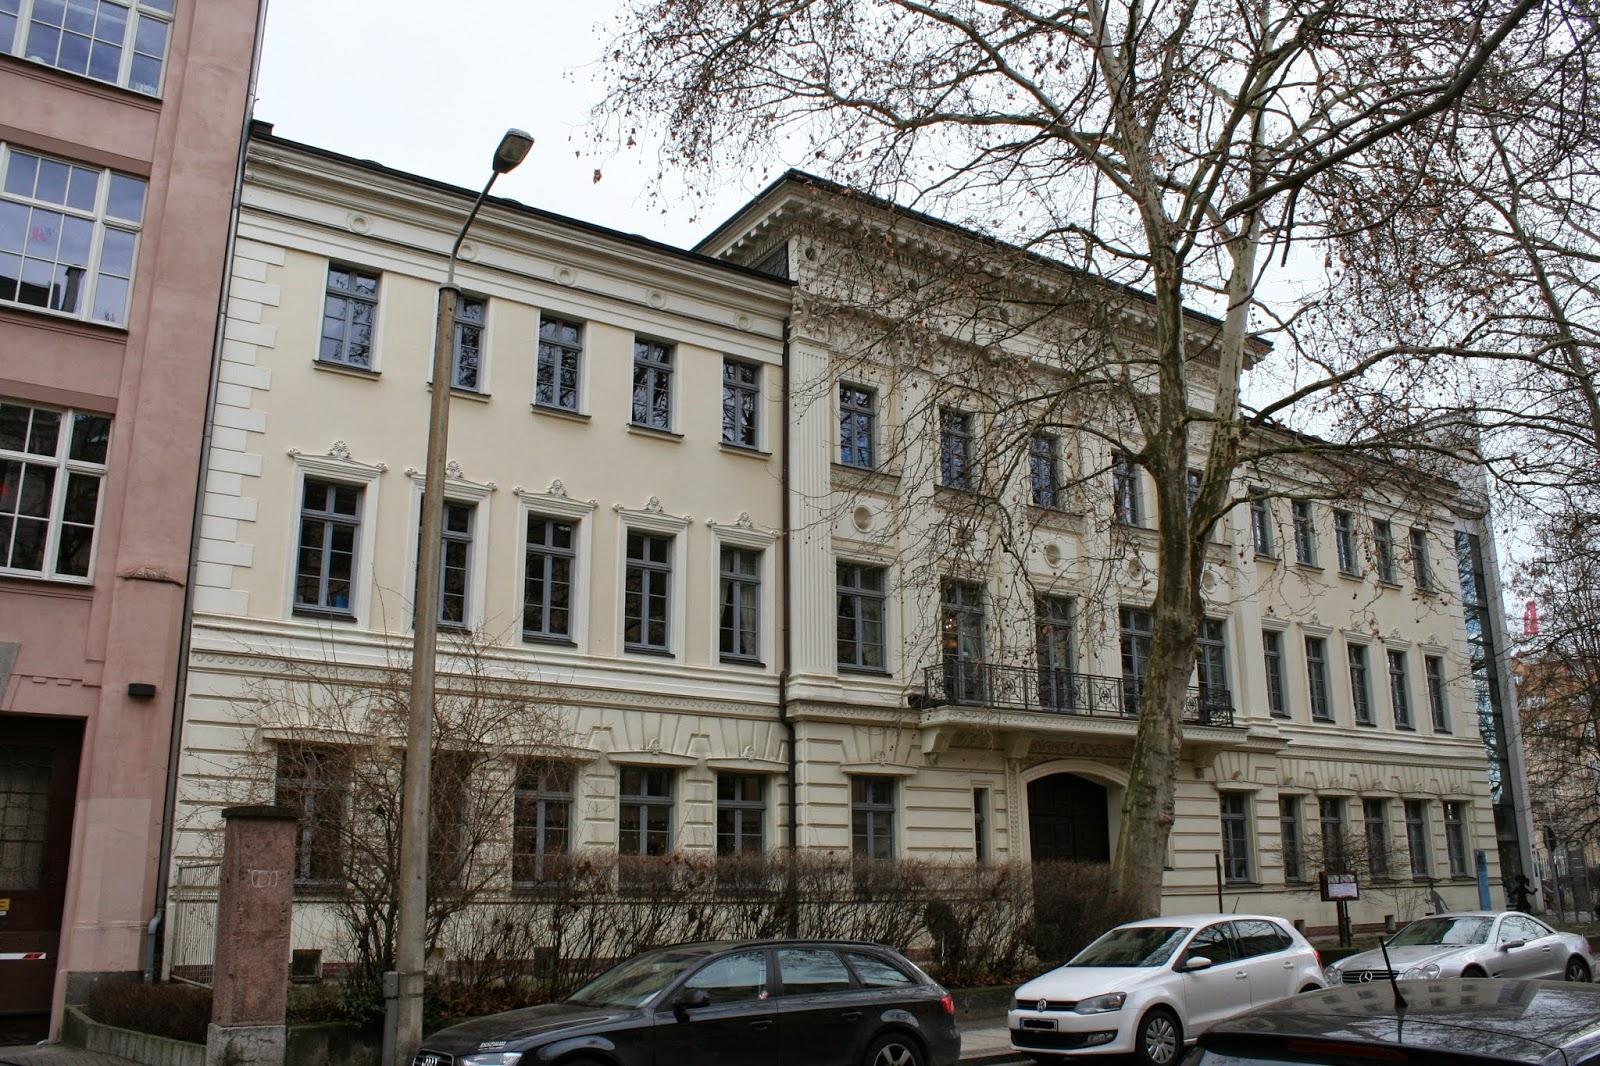 """Das """"Schumann-Haus"""" befindet sich im Graphischen Viertel in der Leipziger Inselstraße - Namensgeber des Hauses war das Künstlerpaar Robert und Clara Schumann, welche hier im Gebäude kurz nach der Hochzeit ihre erste gmeinsame Wohnung hatten"""